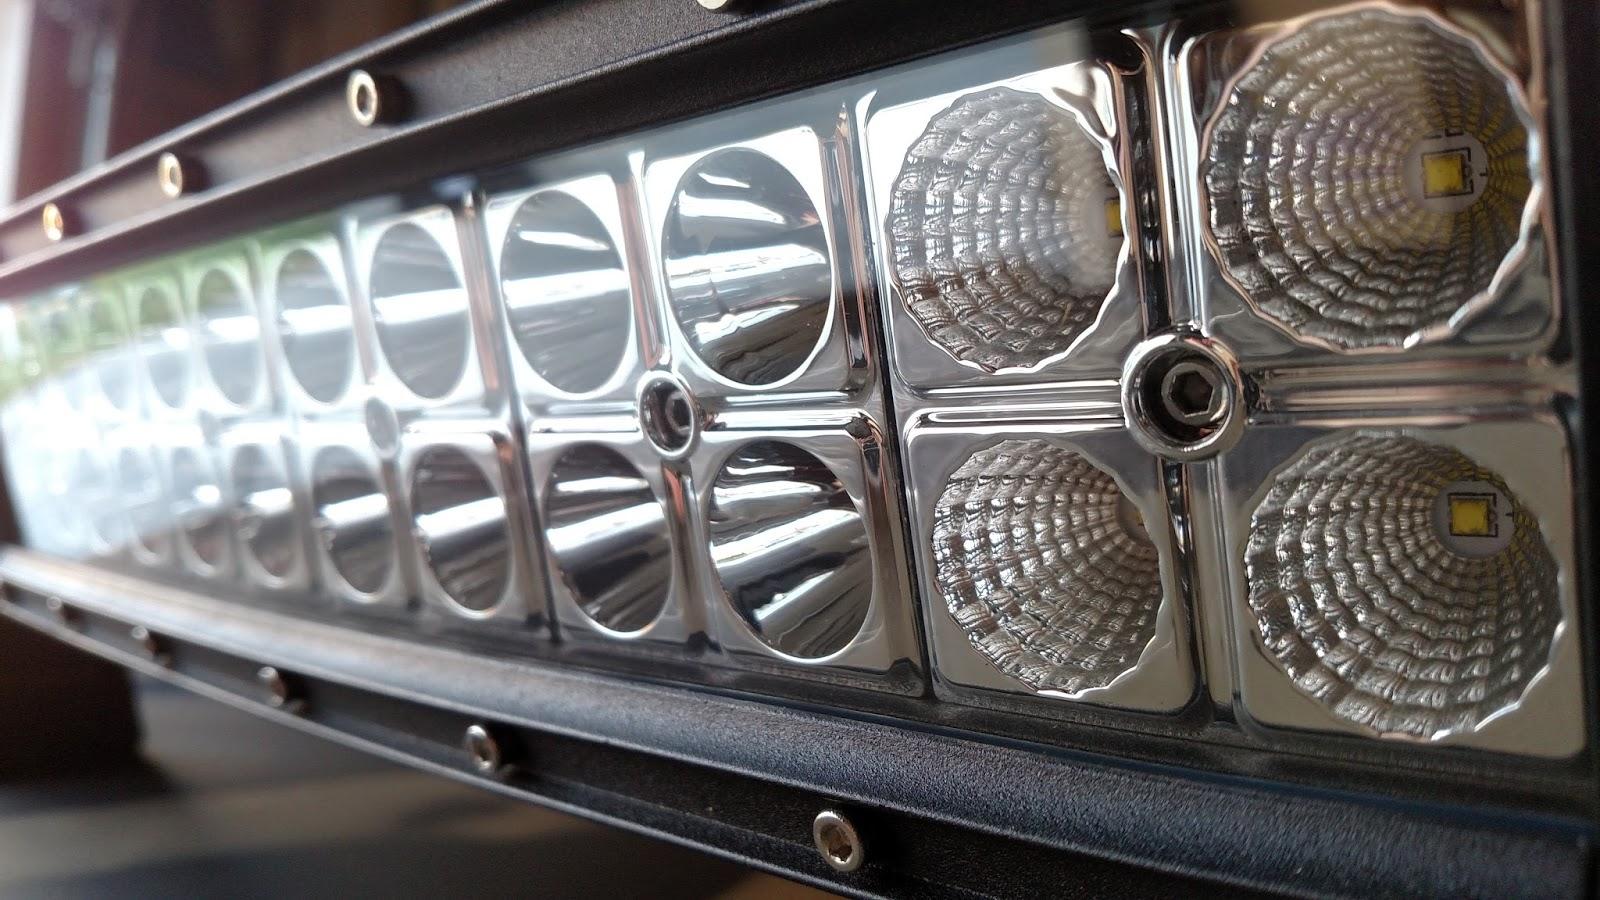 wf review 14 led light bar by 1aauto com wranglerforum com